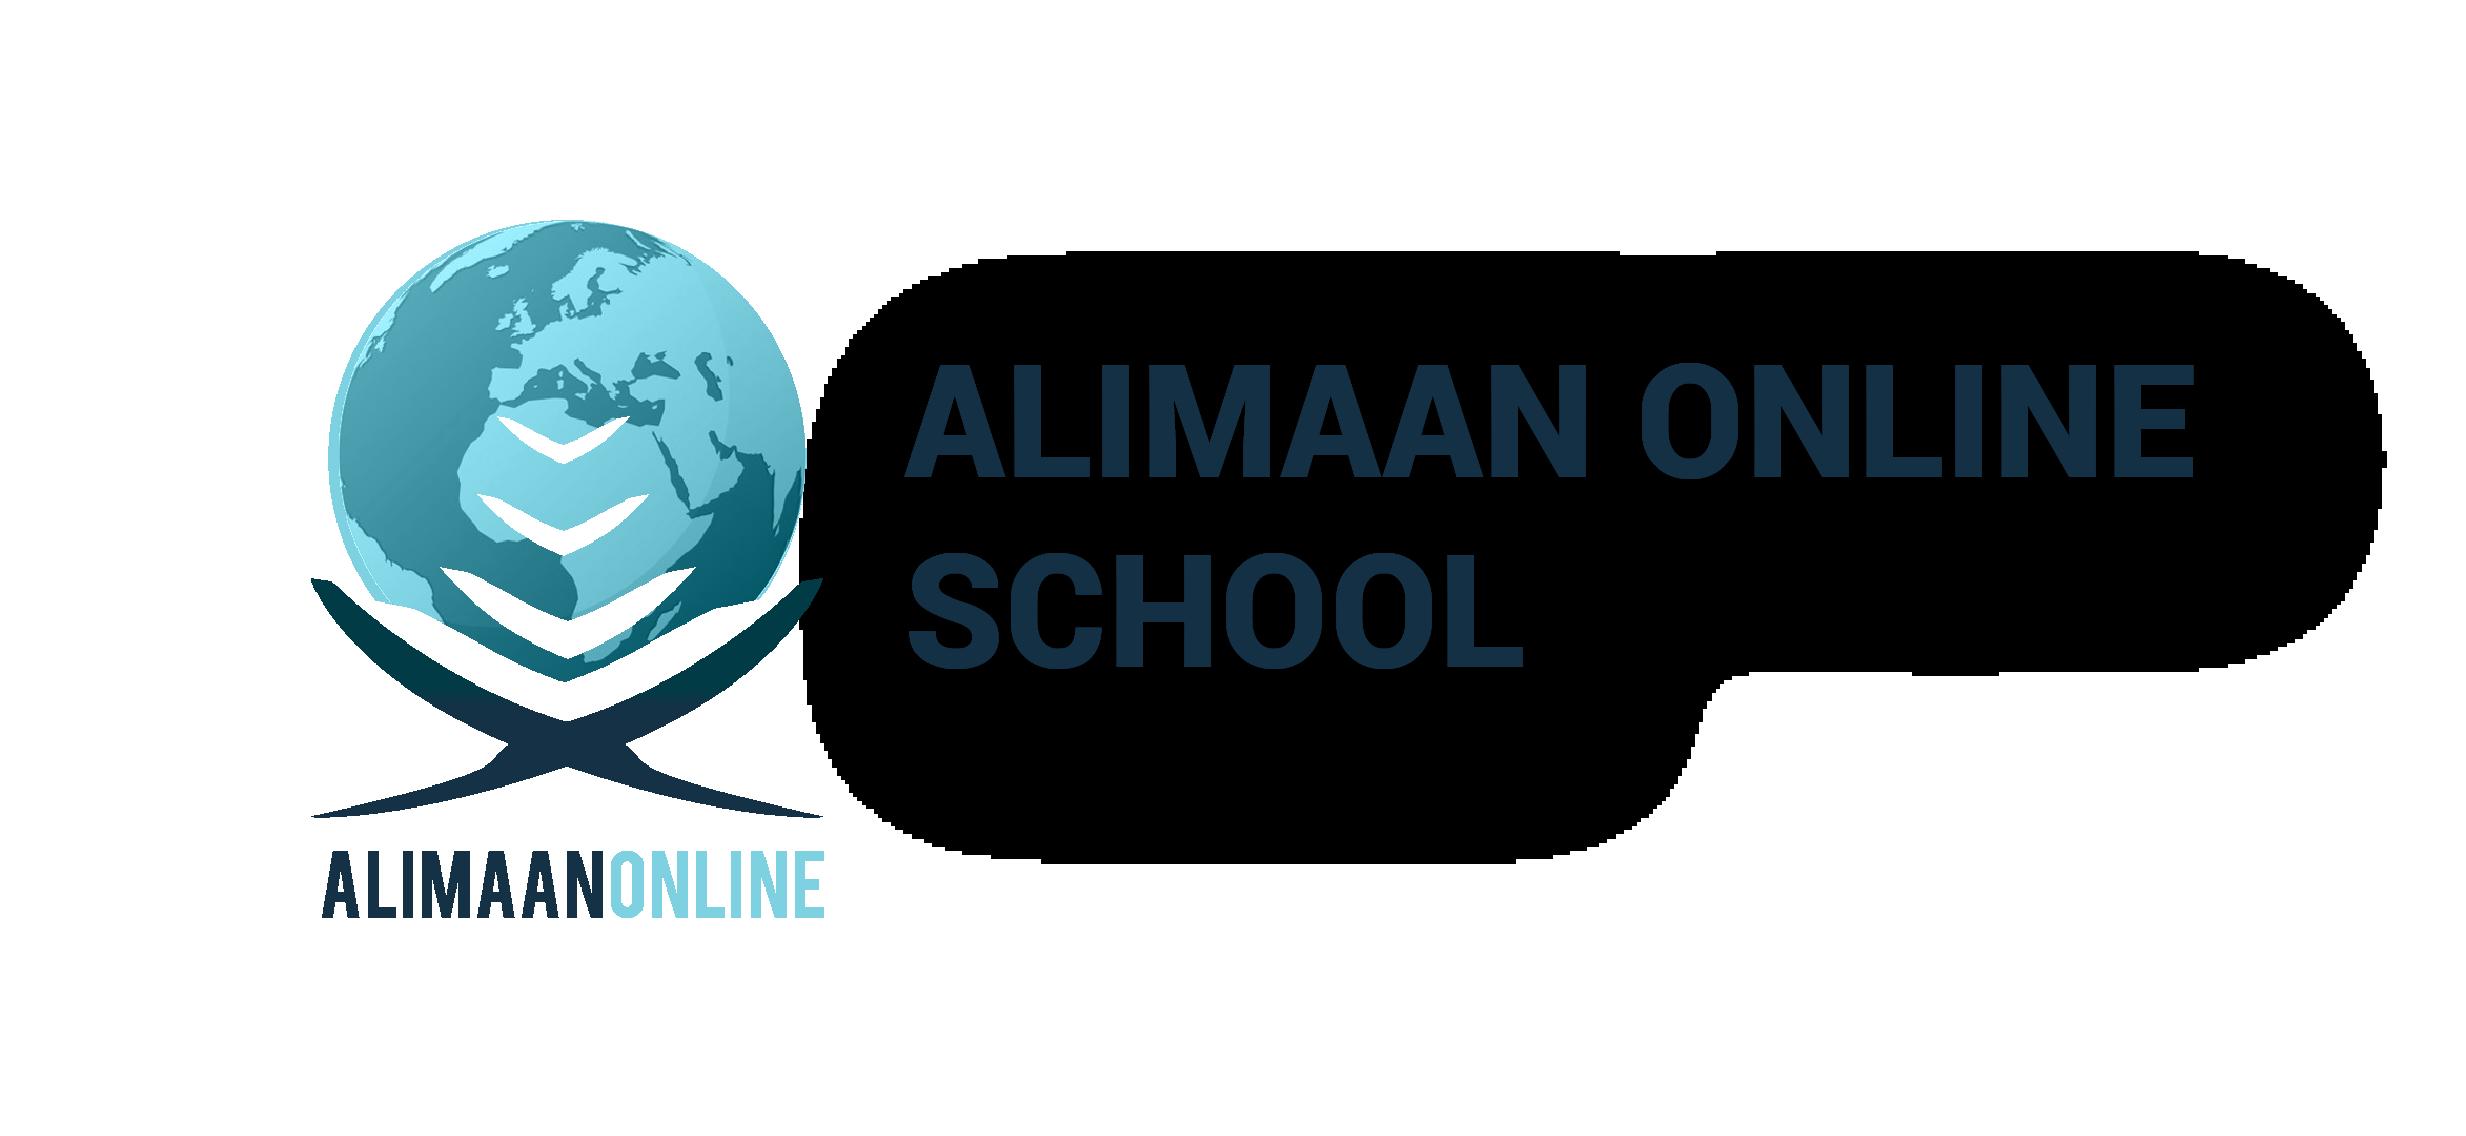 ALIMAAN ONLINE